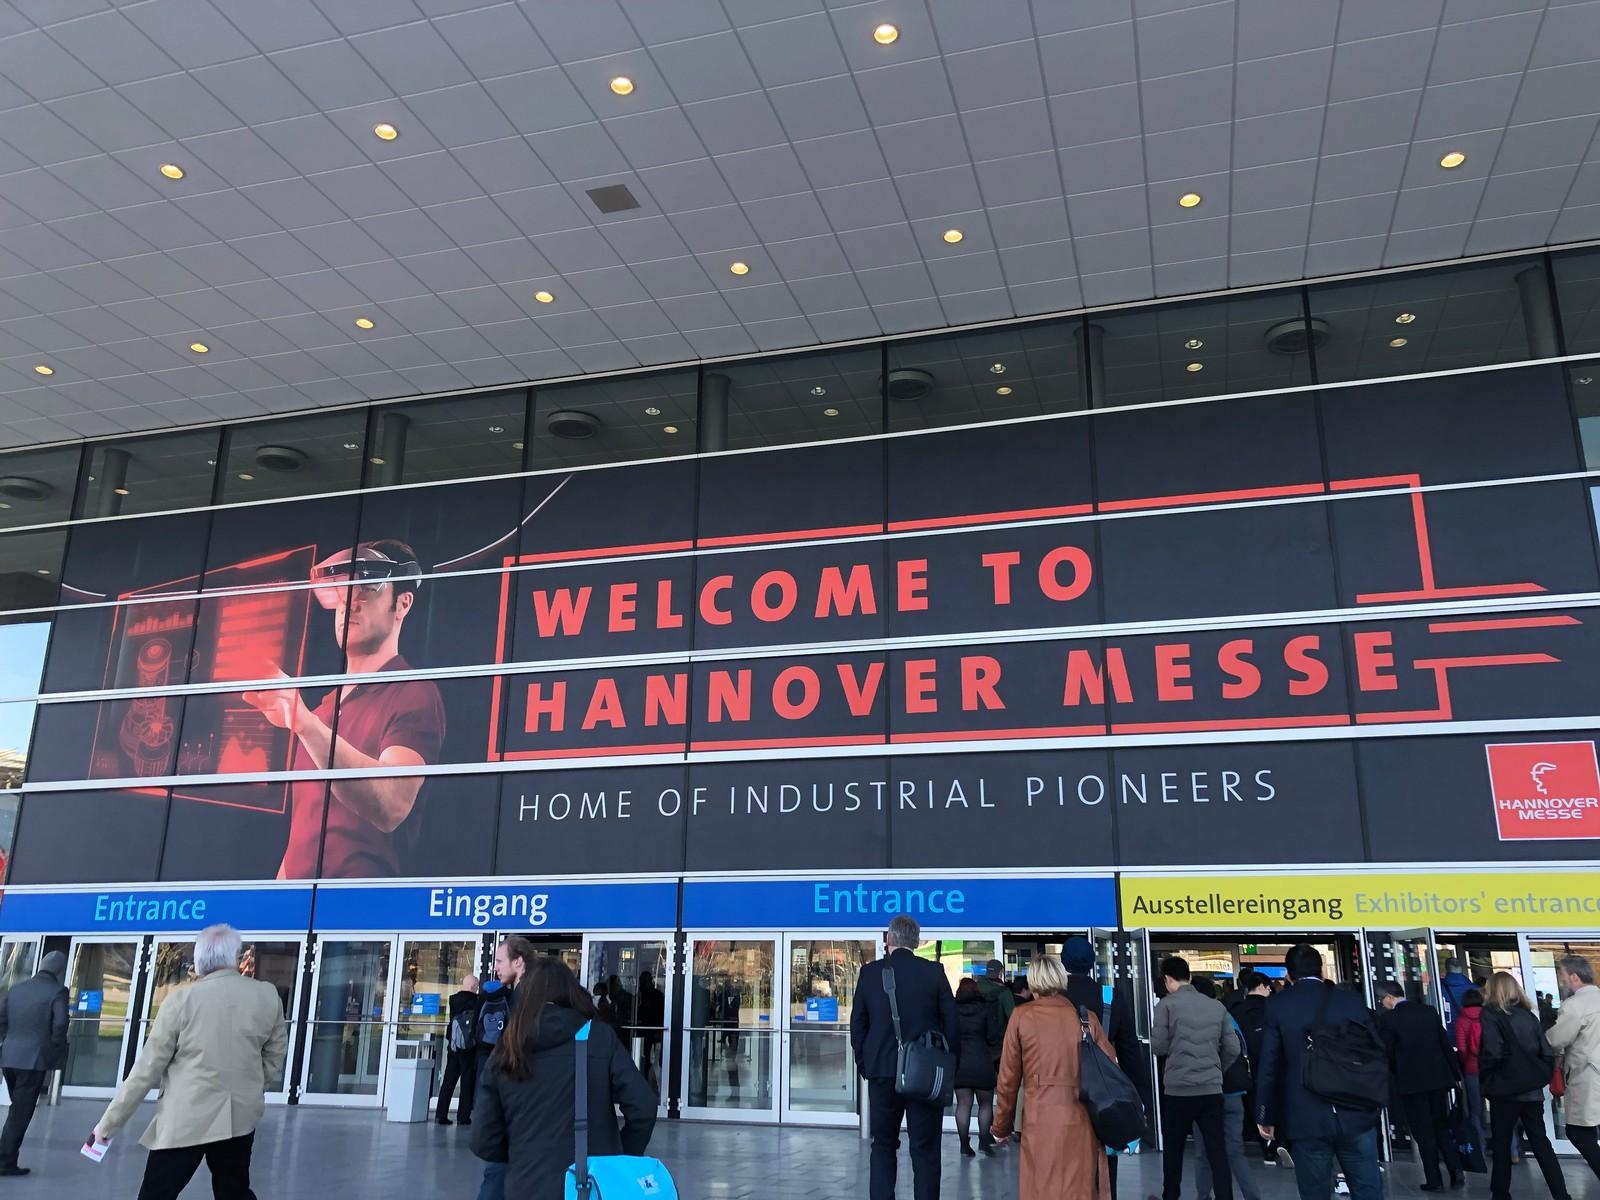 Auf der diesjährigen Hannover Messe zeigen 6.500 Austeller ihre Neuheiten, Produkte und Lösungen. Geboten sind auch um die 1.400 Veranstaltungen rund um die Messe.